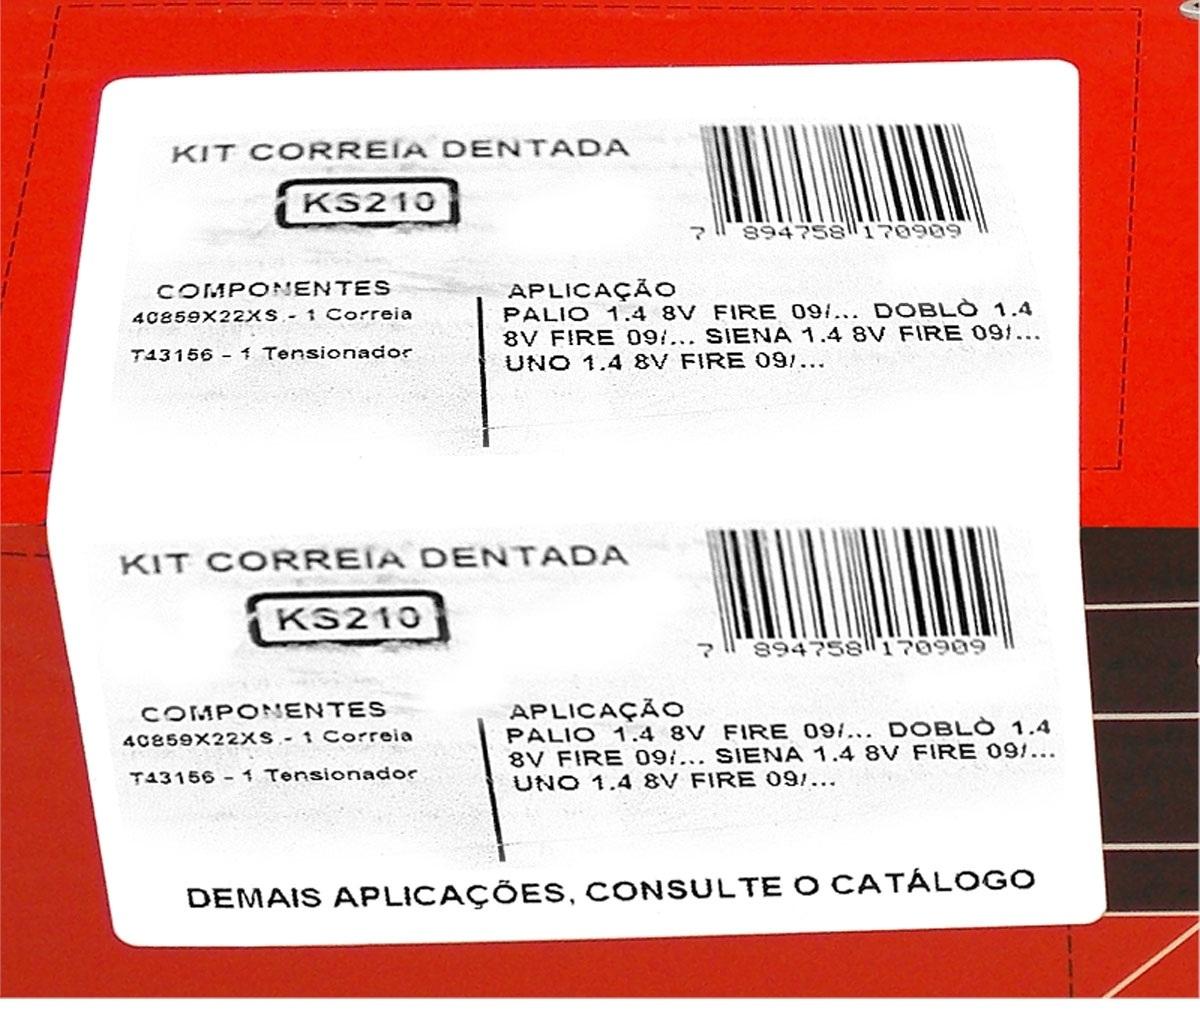 KS210 Doblo/Idea/Strada/Palio/Punto/Siena/Uno (Instalado) - Cantele Centro Automotivo